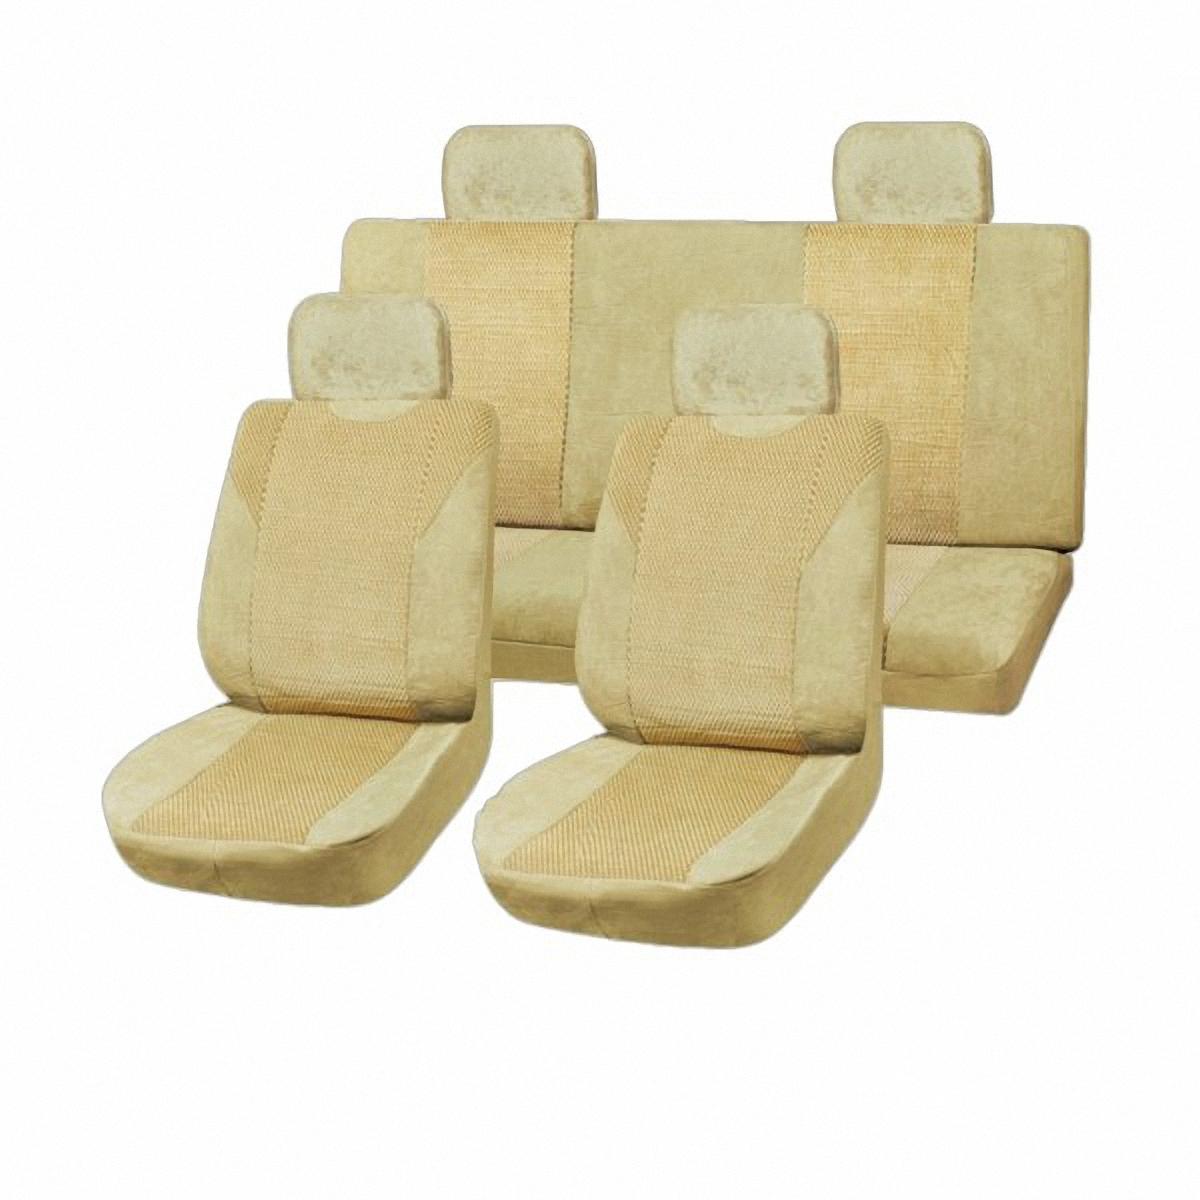 Чехлы автомобильные Skyway DRIVE, цвет: бежевый, 11 предметов. SW-111029 BE/S01301005 sw 1101 s00301010 skyway